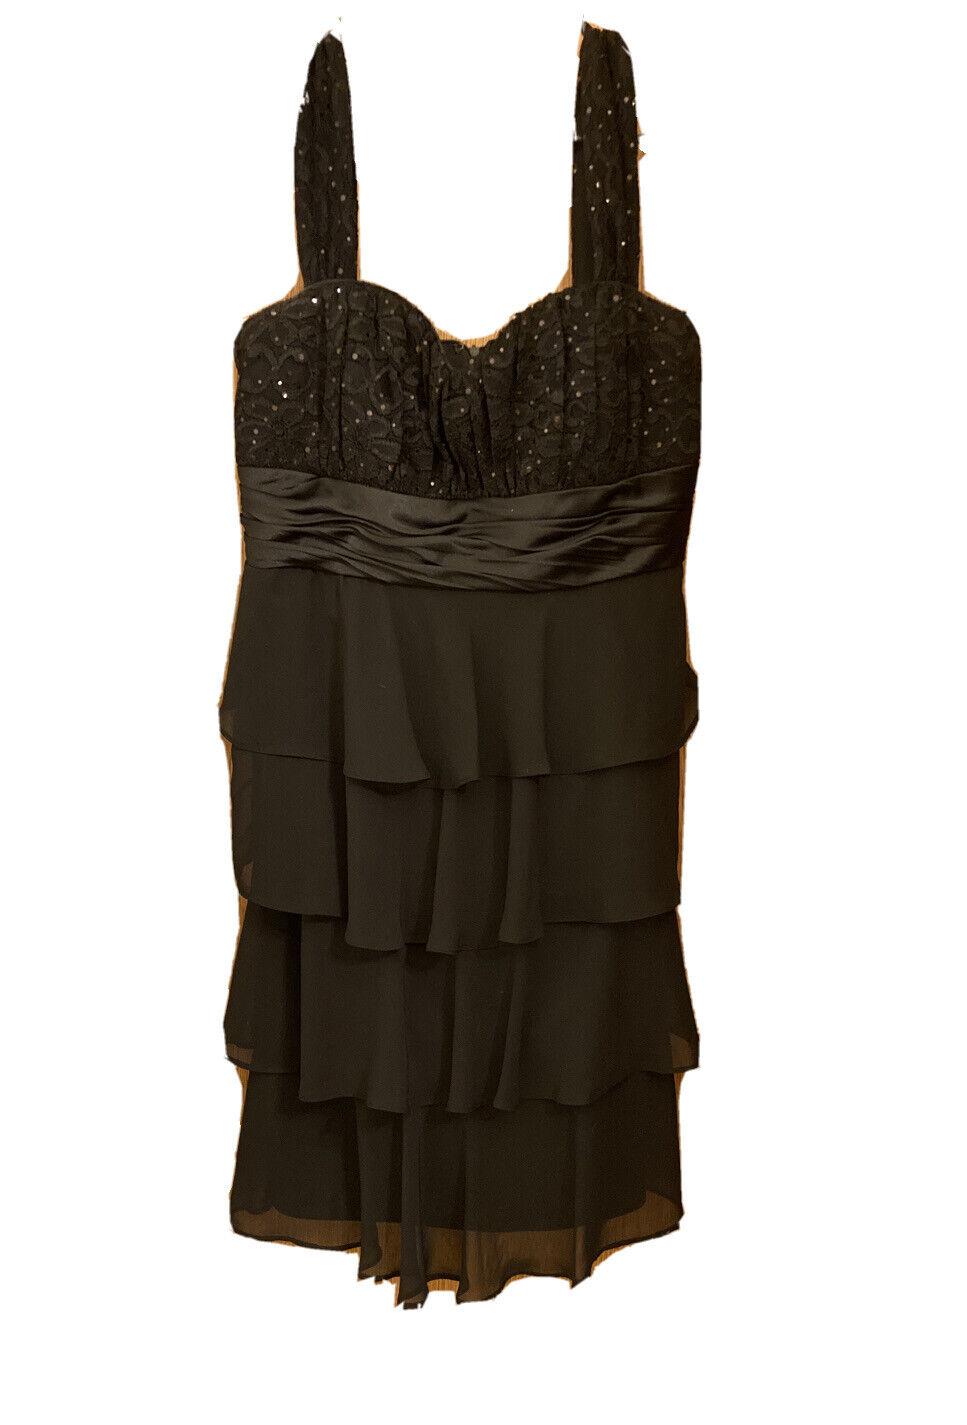 black formal dress size 8